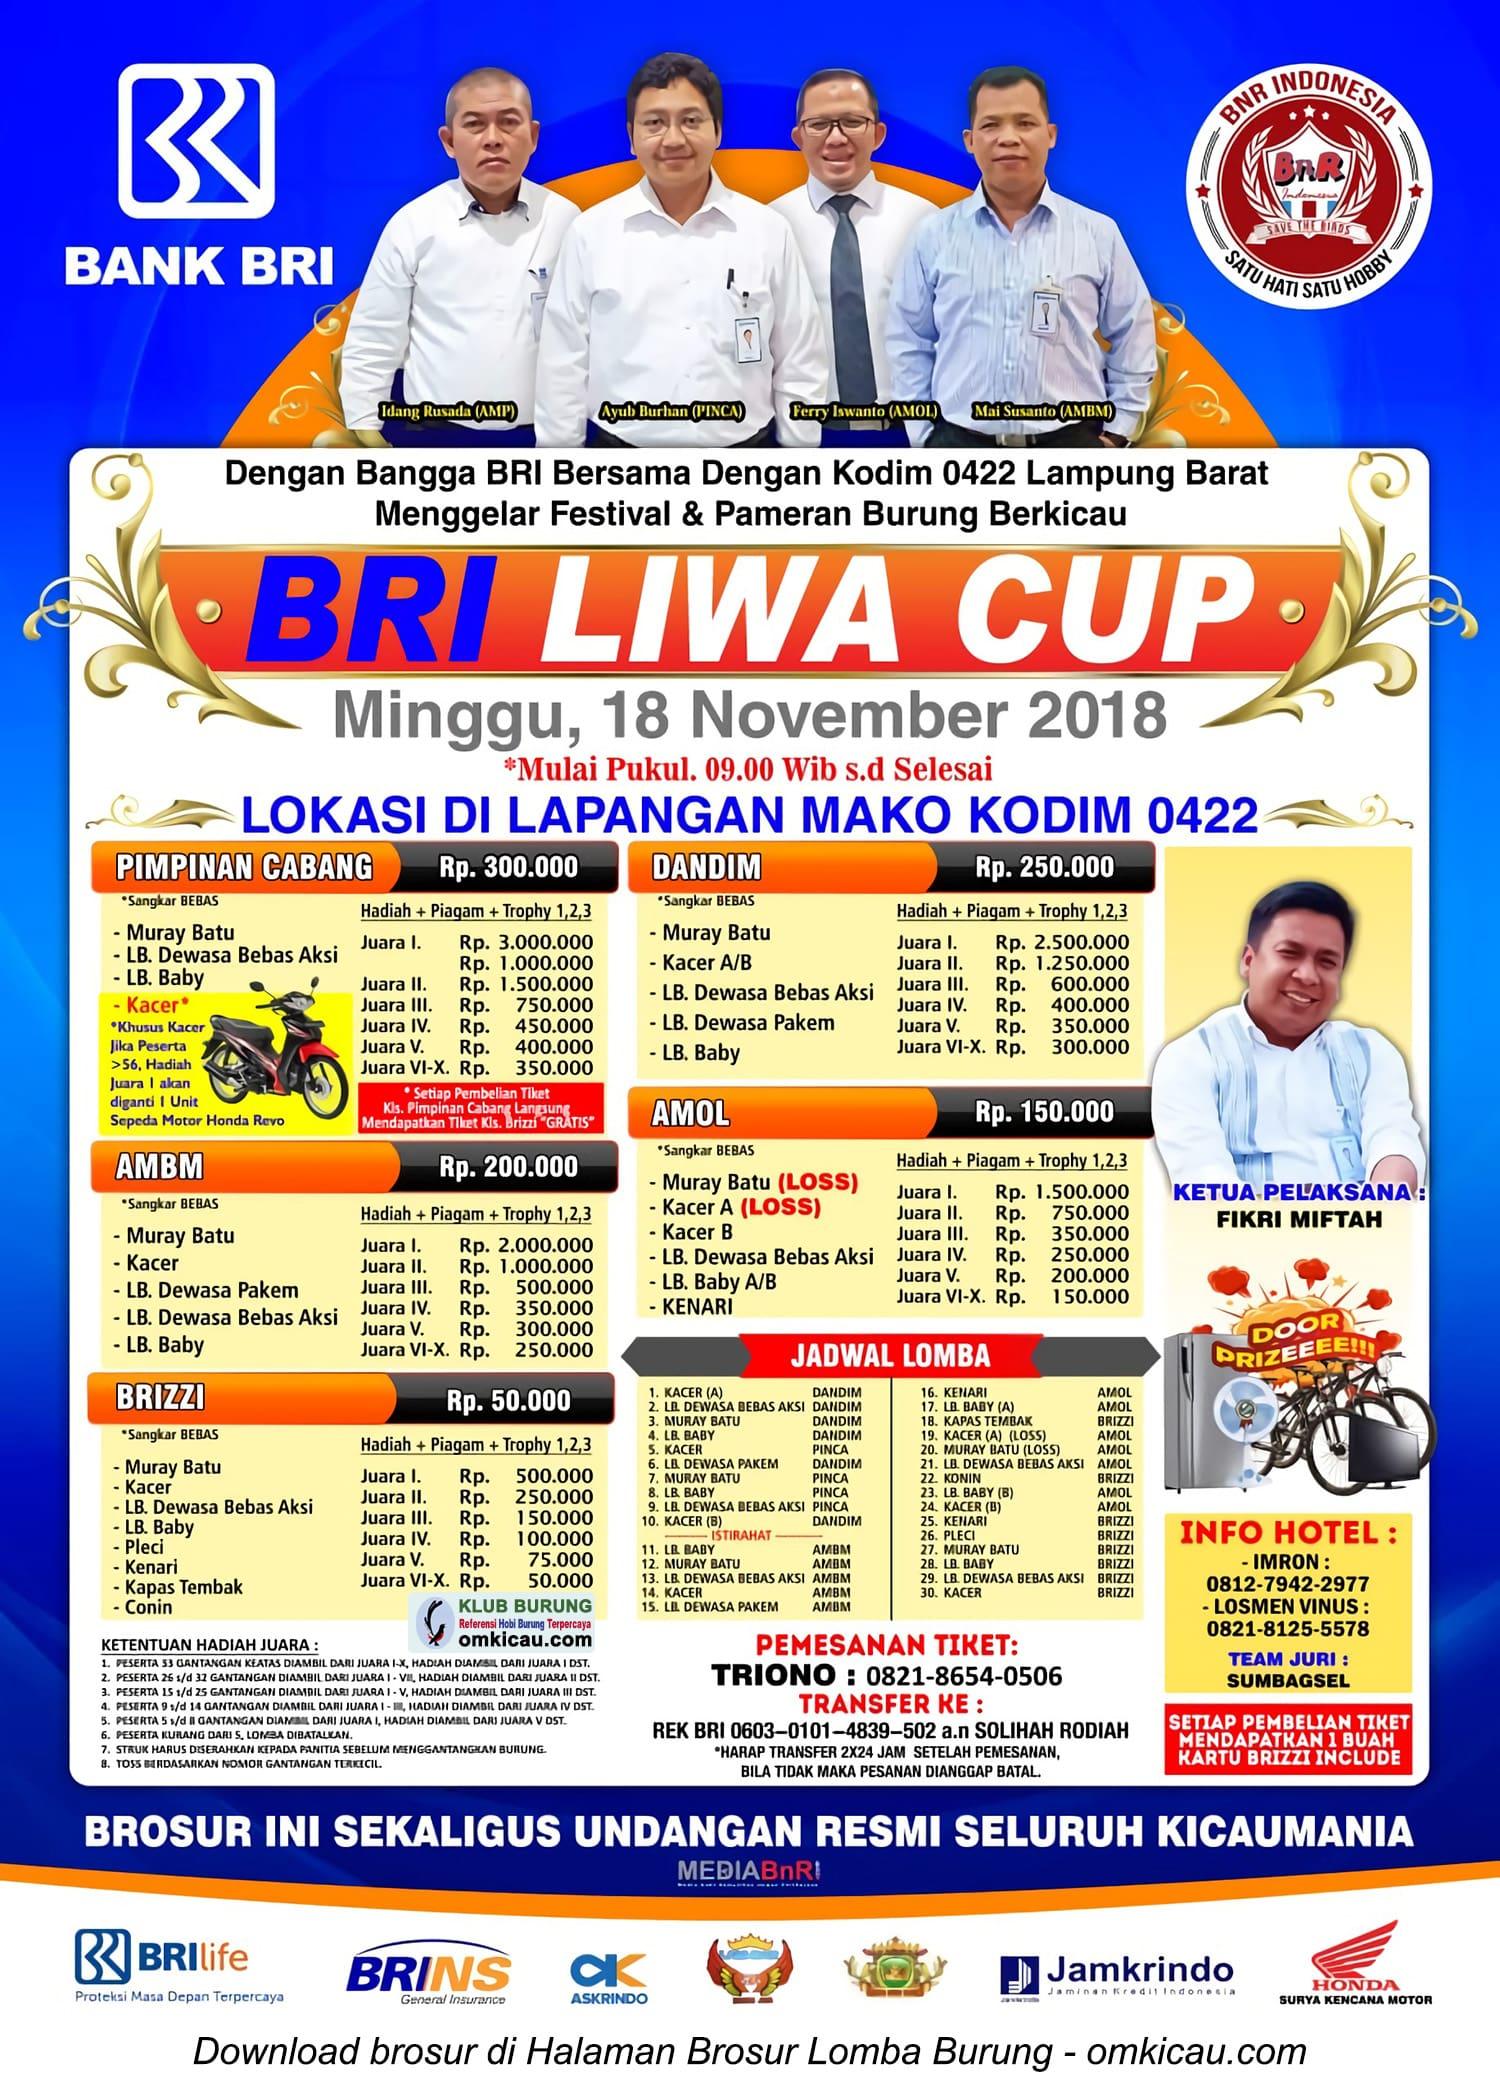 BRI Liwa Cup